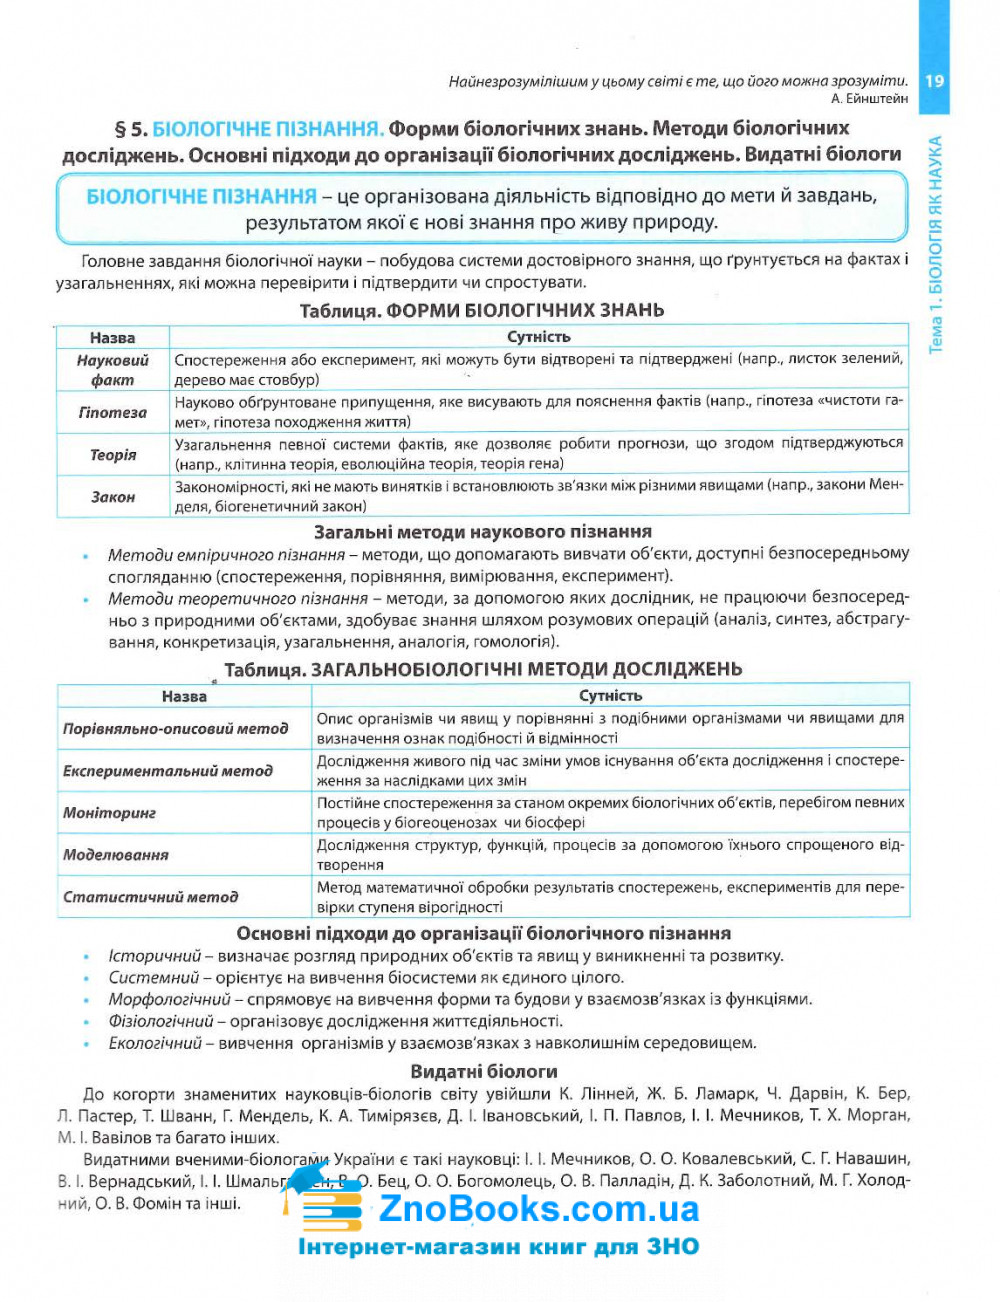 Довідник Соболь В. Повний курс біології для підготовки до ЗНО та ДПА 2021. 14